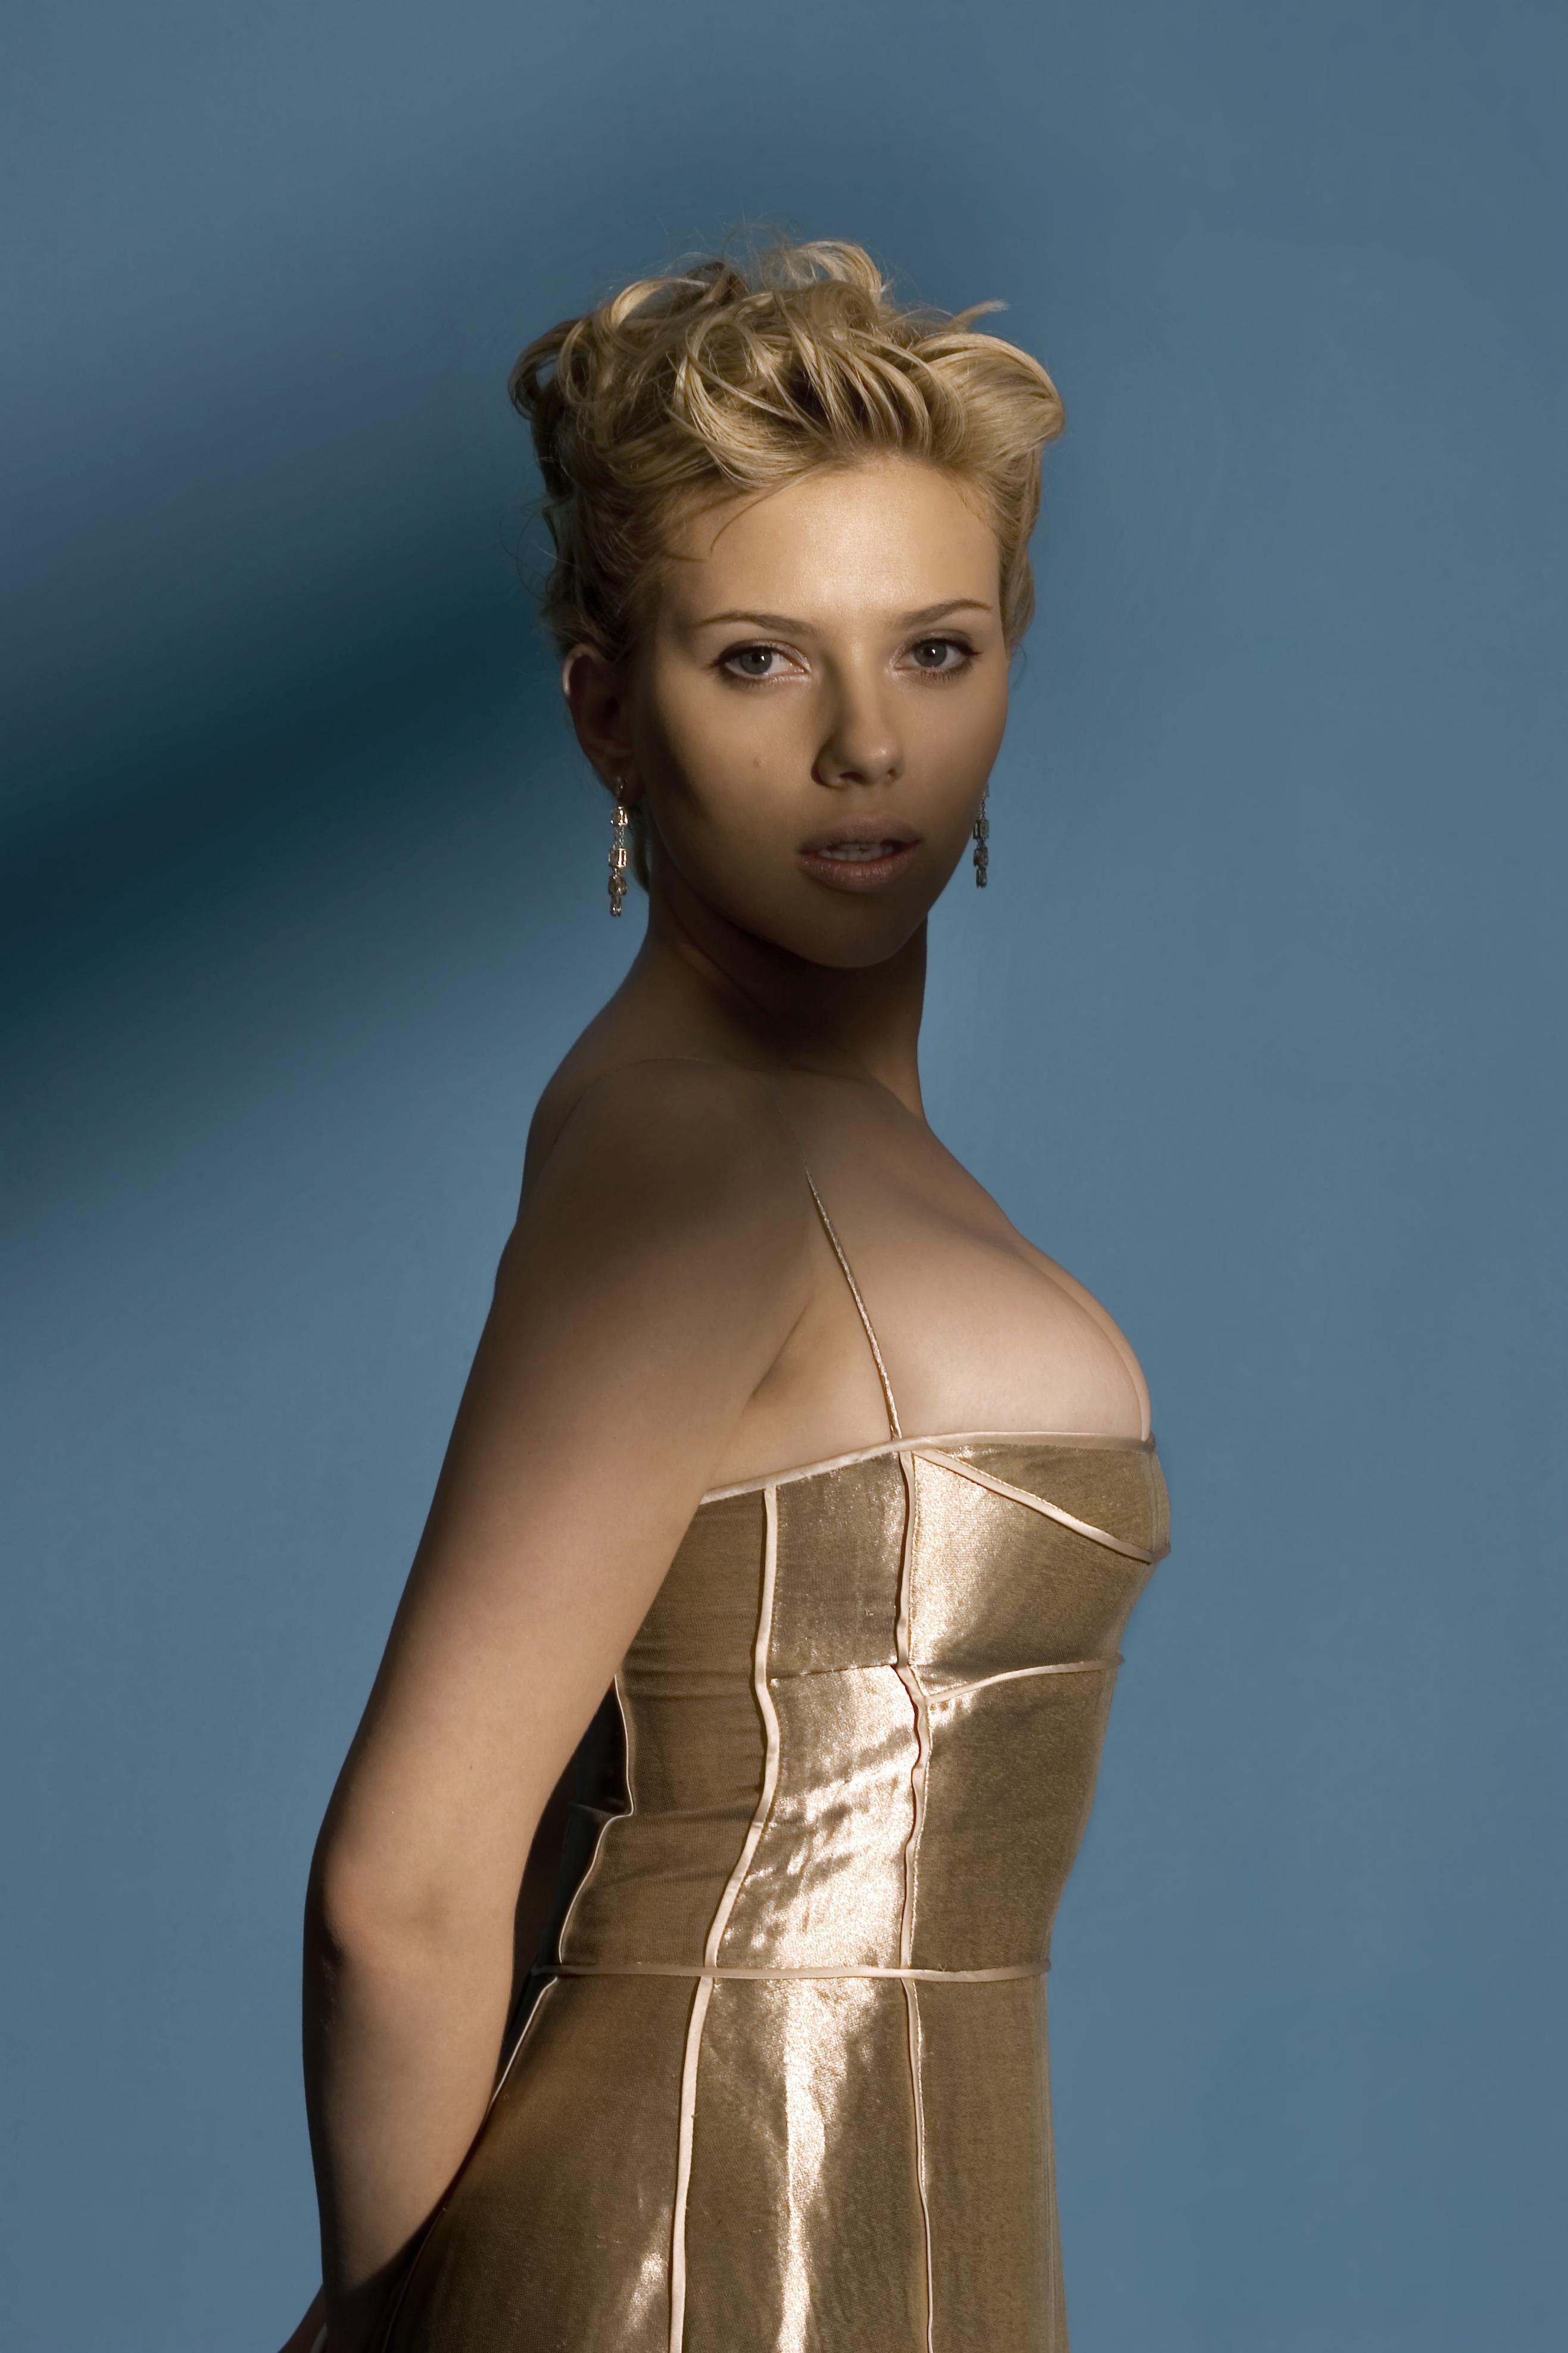 Scarlett johansson under the skin hd 3 - 3 part 5